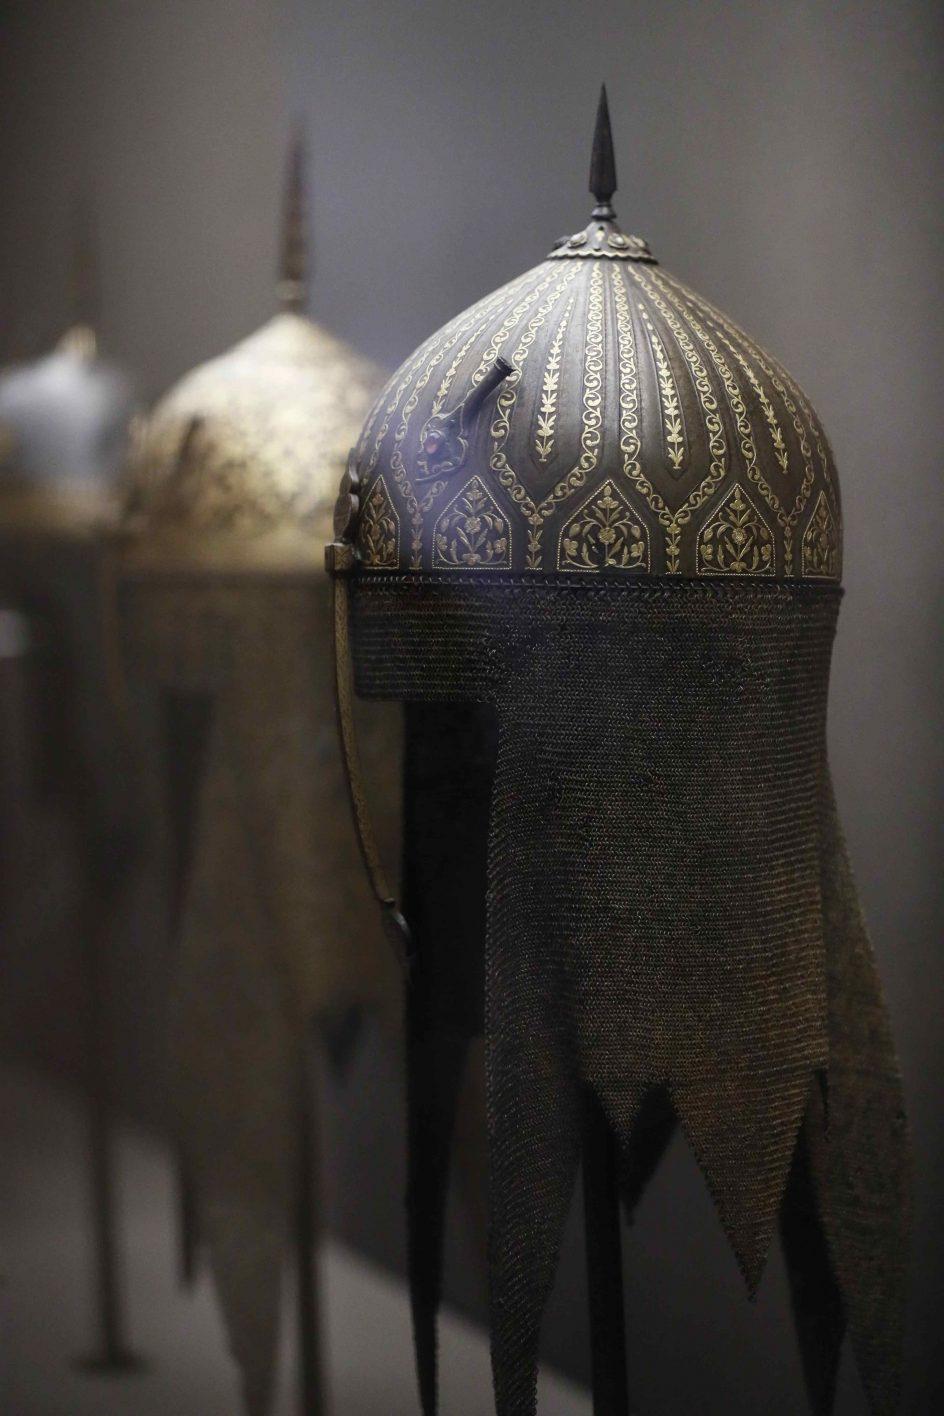 Cascos de Fortuny. Cascos de inspiración persa, elaborados artesanalmente por el artista español Mariano Fortuny i Marsal, expuestos en El Museo del Prado, que el 21 de noviembre presenta la muestra Fortuny (1838-1874).